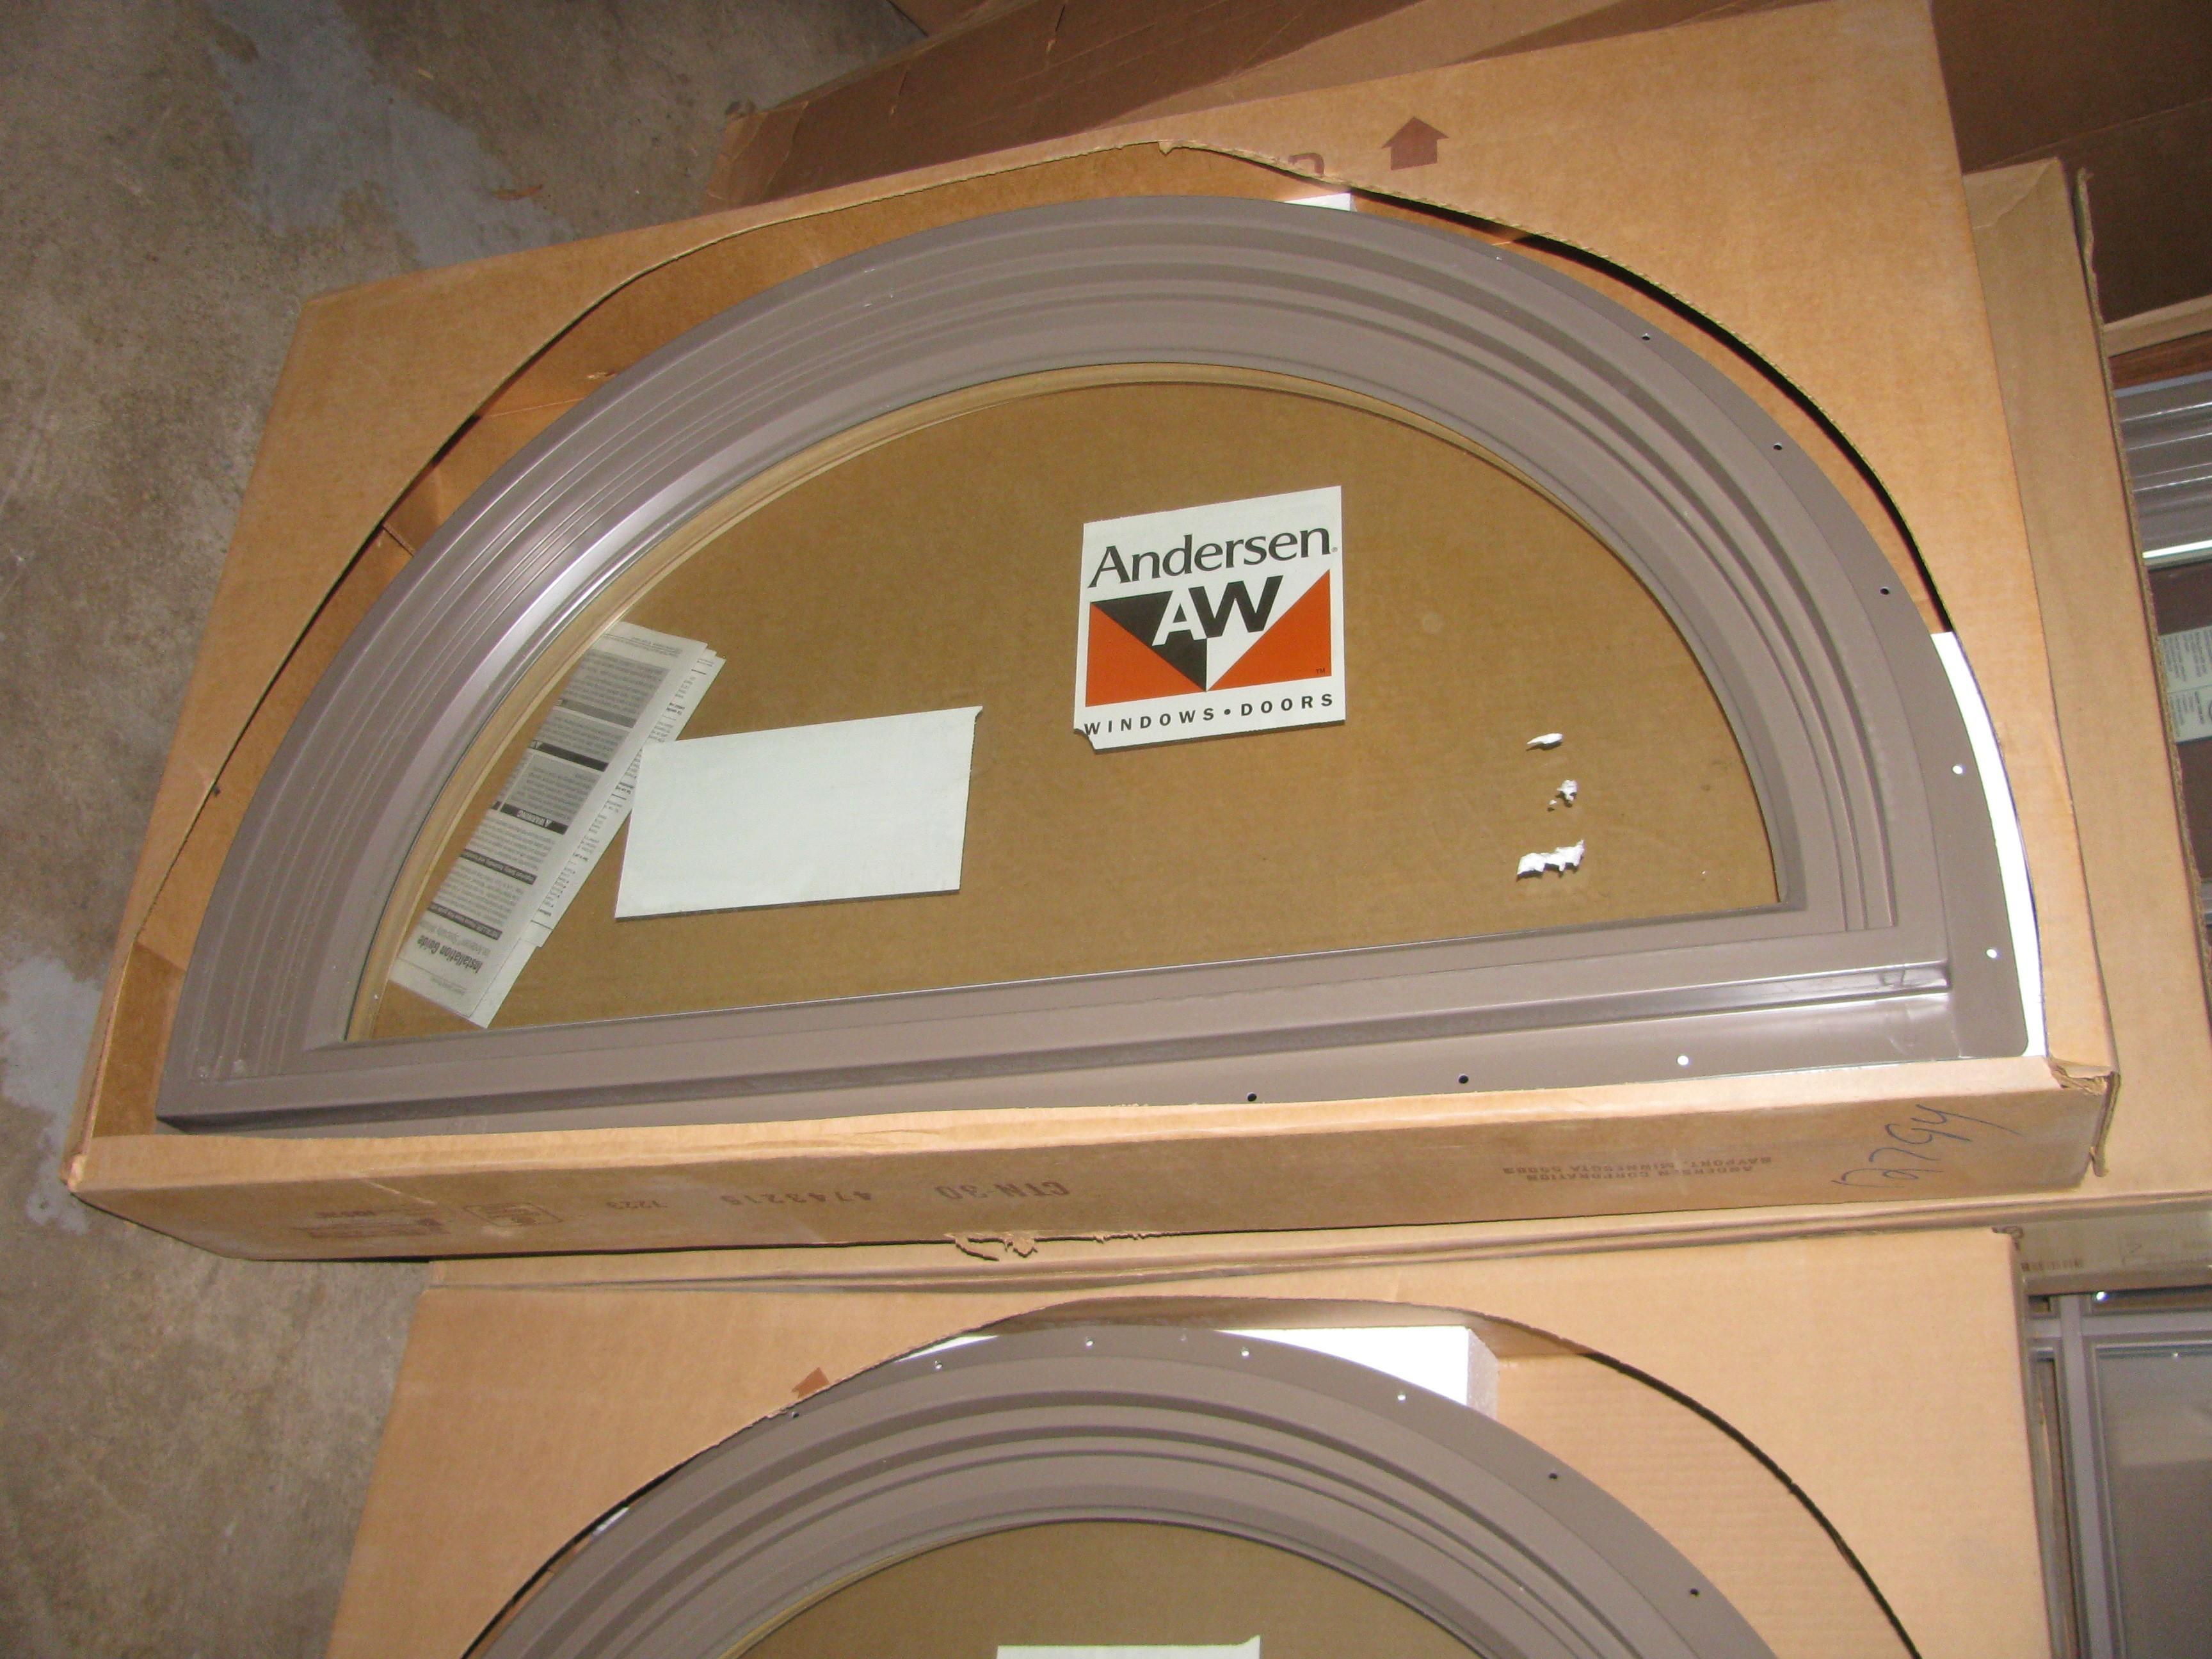 6 new andersen terratone half round 400 series windows for Andersen windows u factor